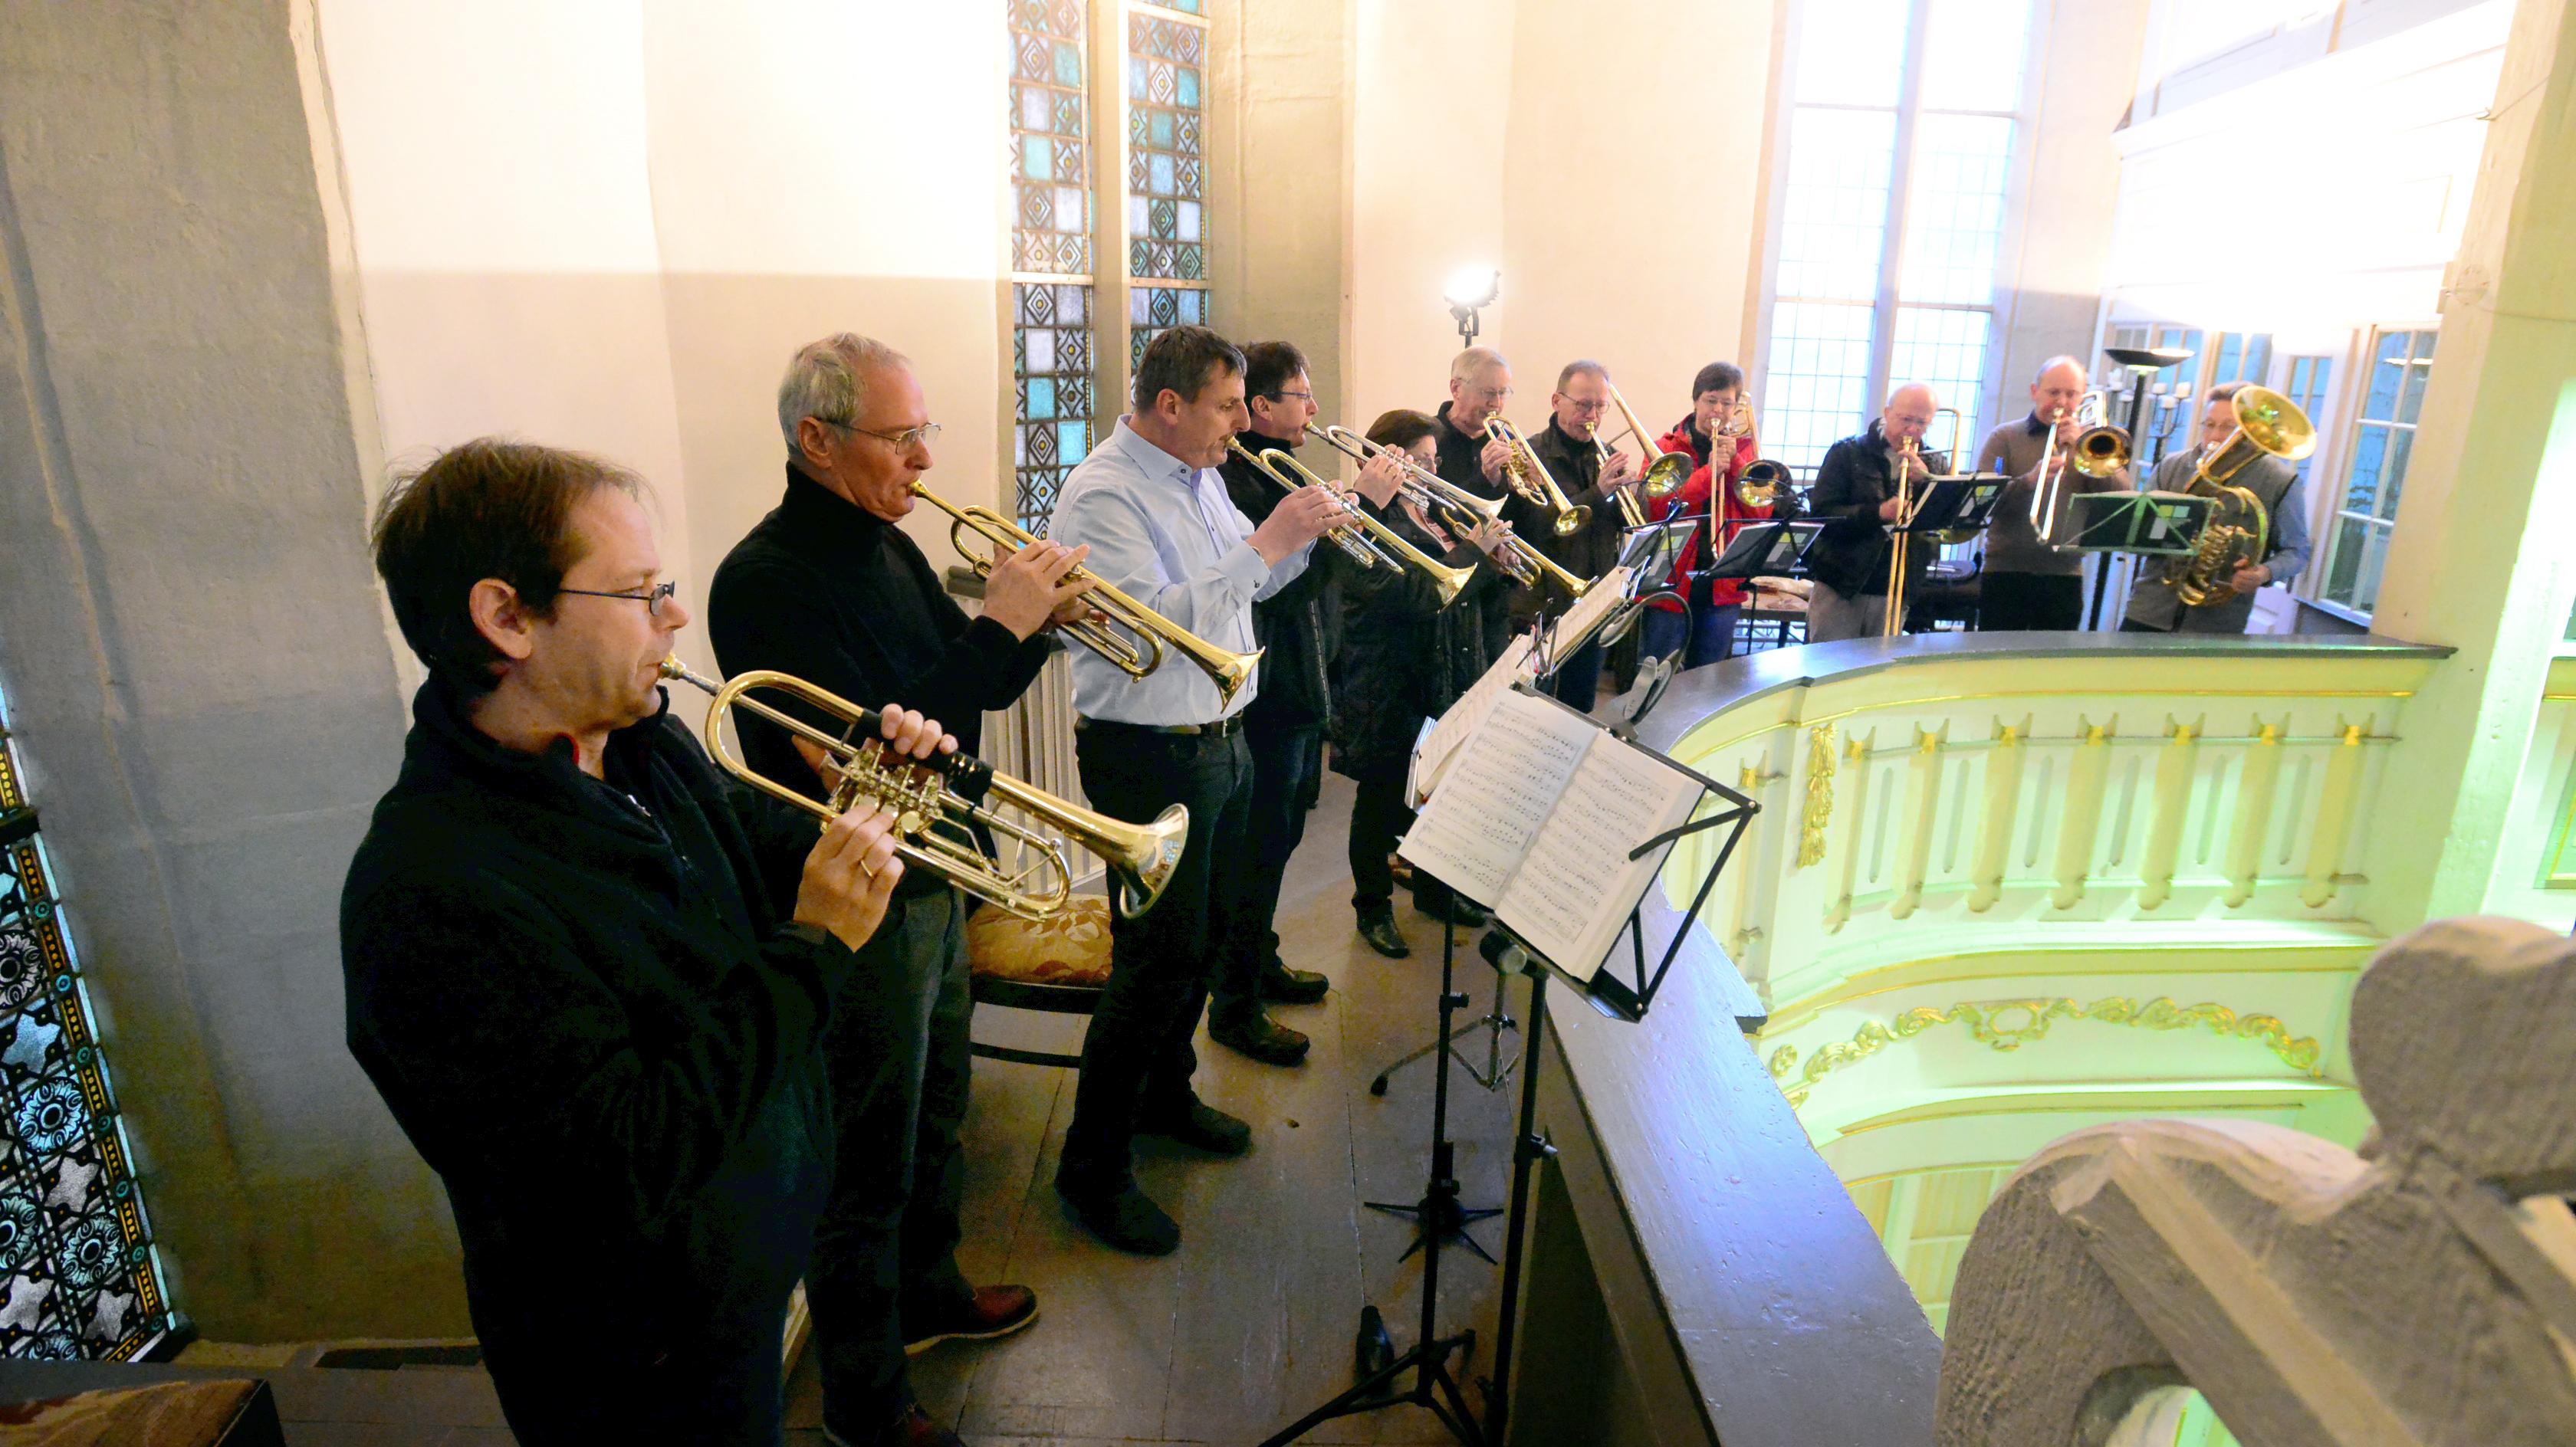 Posaunenchor der evangelischen Kirchengemeinde Arnstadt, Foto: H.-P. Stadermann